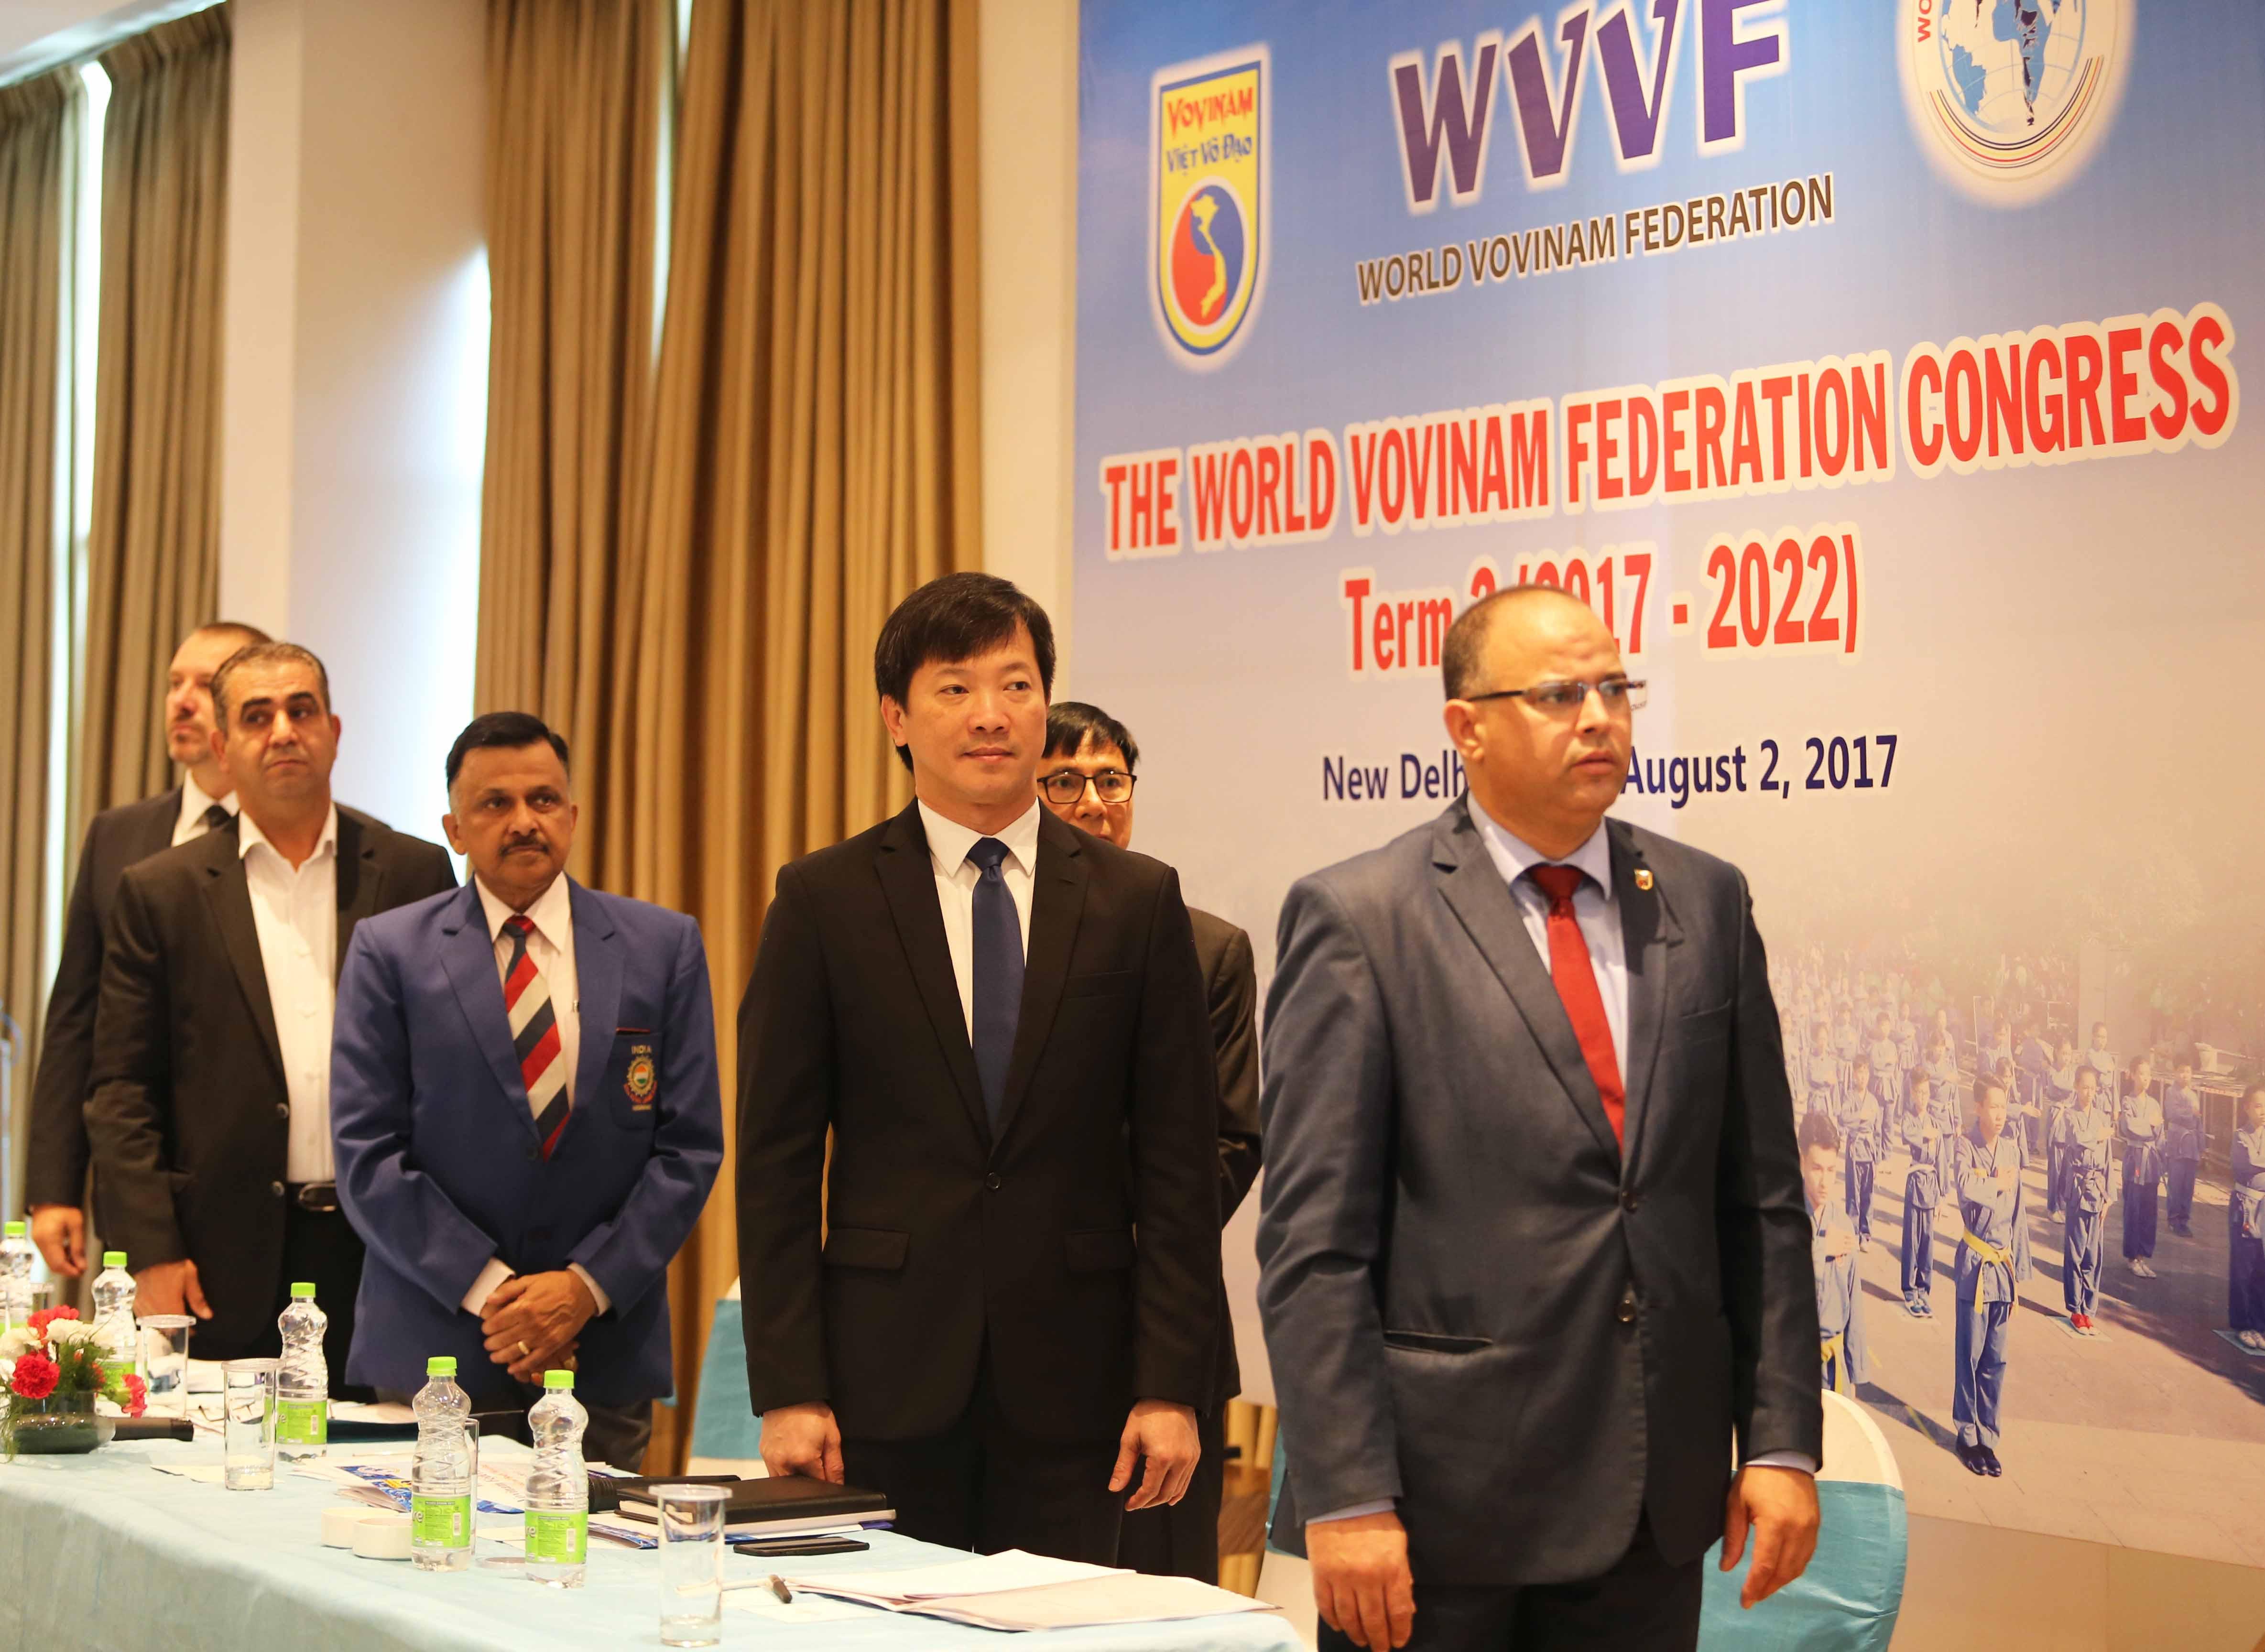 Chủ tịch U&I Group Mai Hữu Tín: Chàng võ sĩ trên đấu trường kinh tế 2